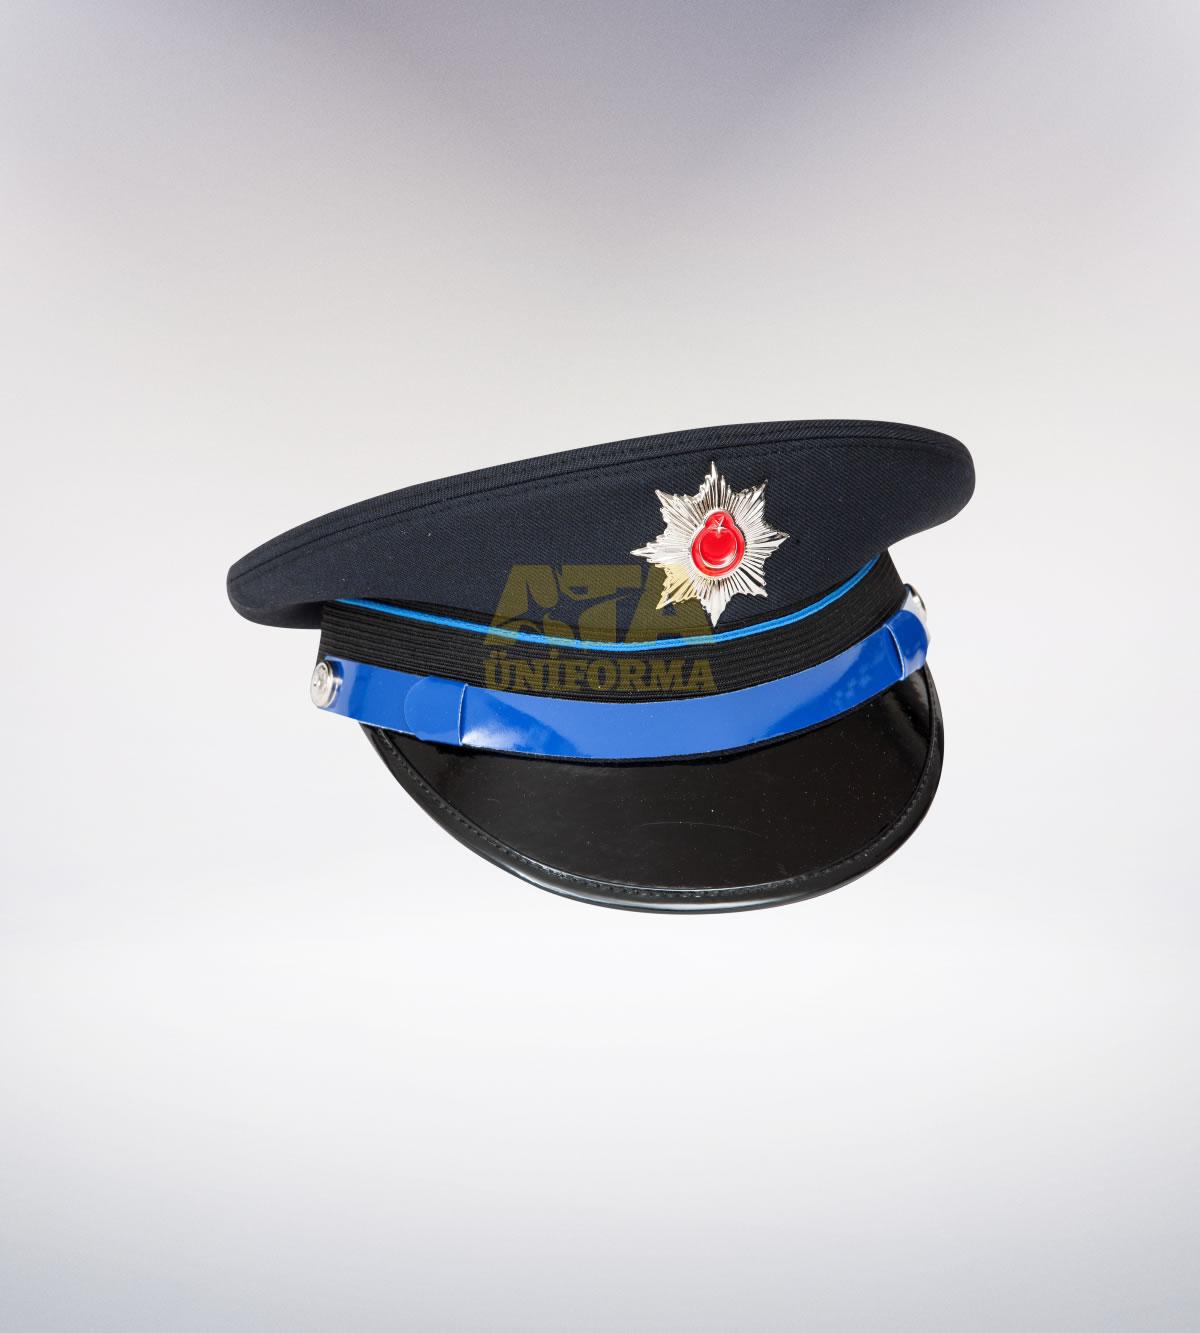 ATA-1093 Polis tören şapkası genel hizmet memur - polis elbiseleri | polis  üniformaları | polis kıyafetleri